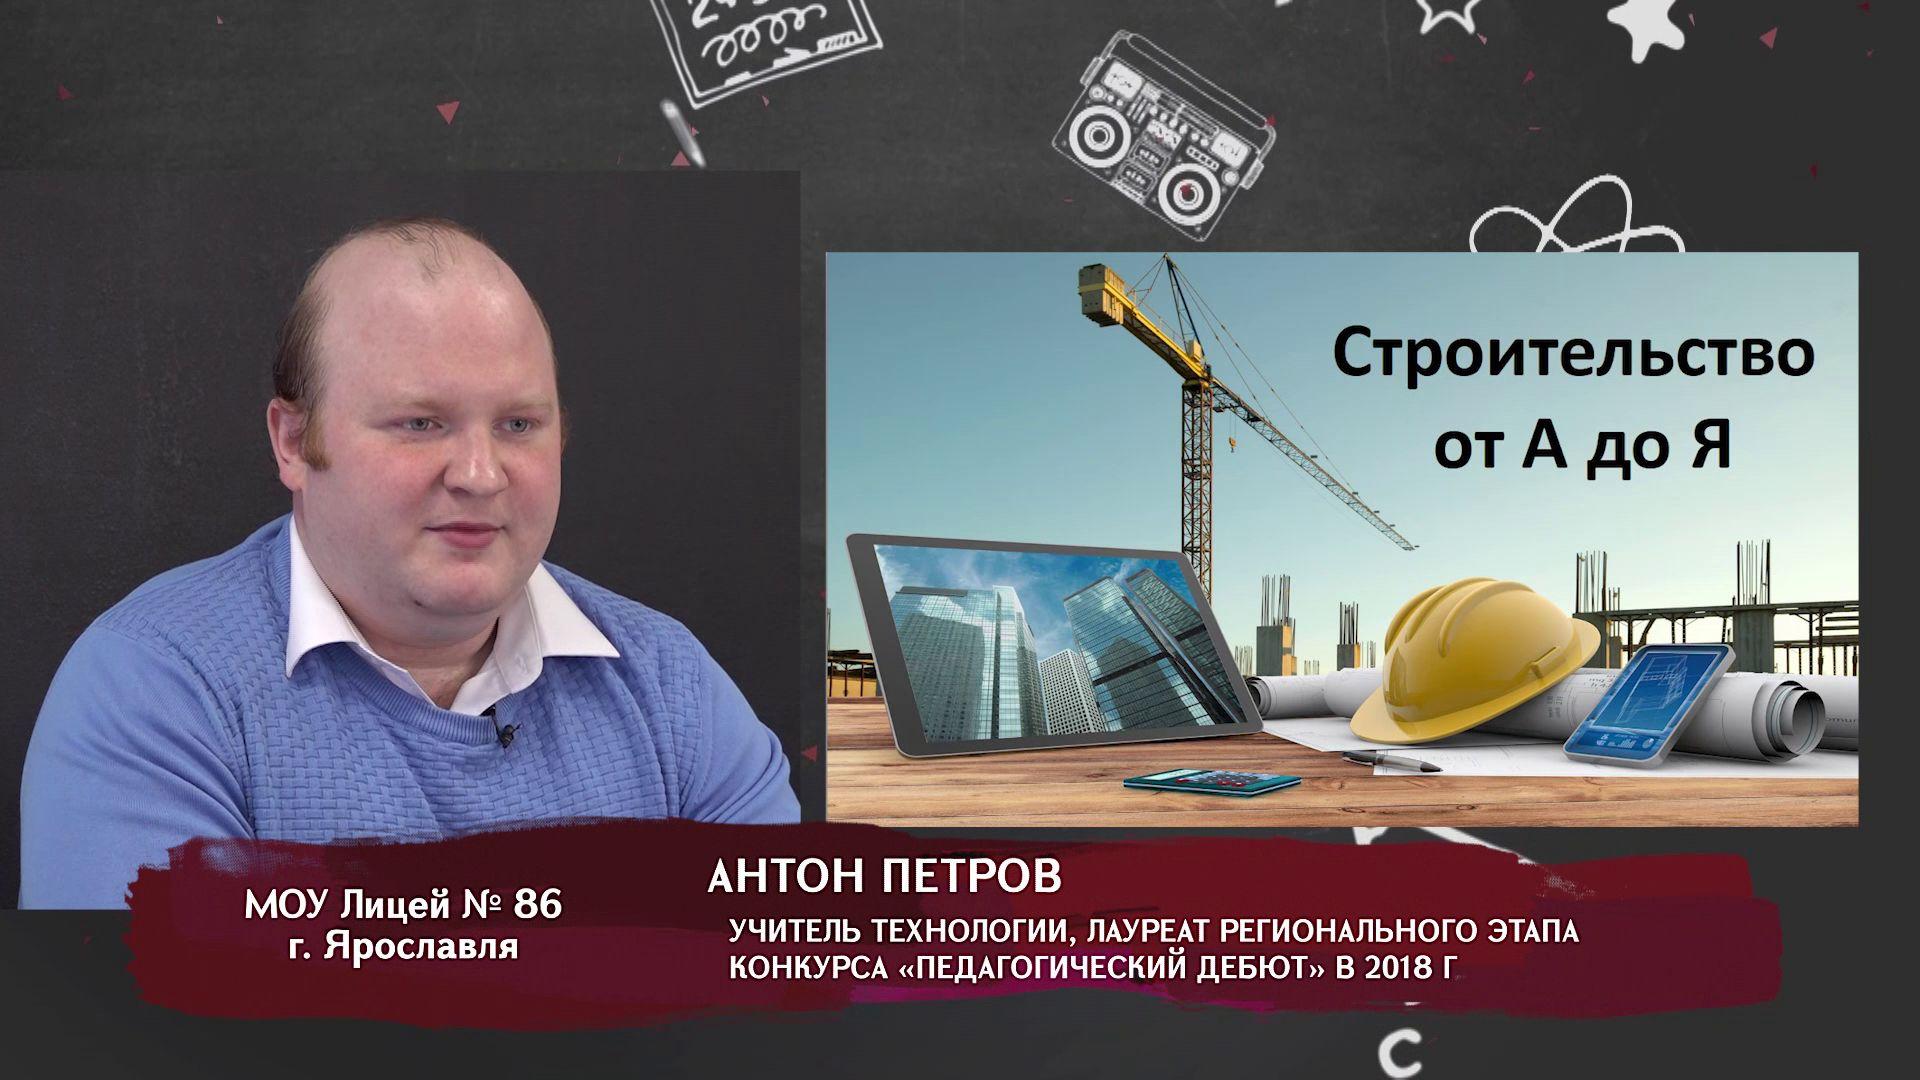 Телеуроки. Антон Петров: «Строительство»